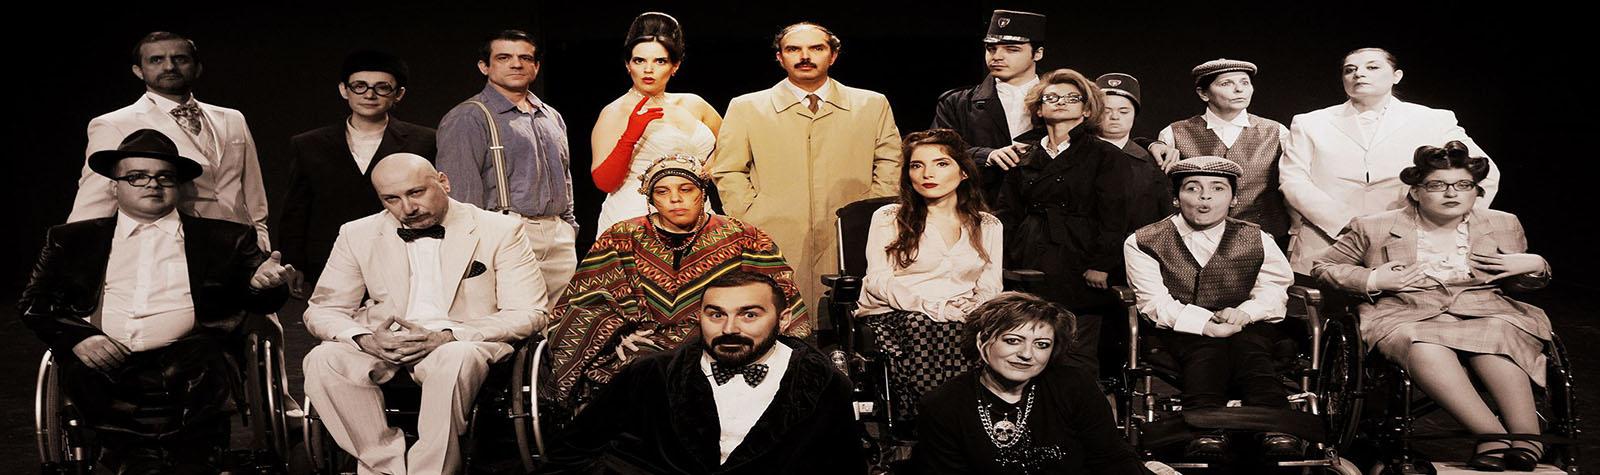 Νεκρασόφ του Jean-Paul Sartre στο θέατρο Από Μηχανής